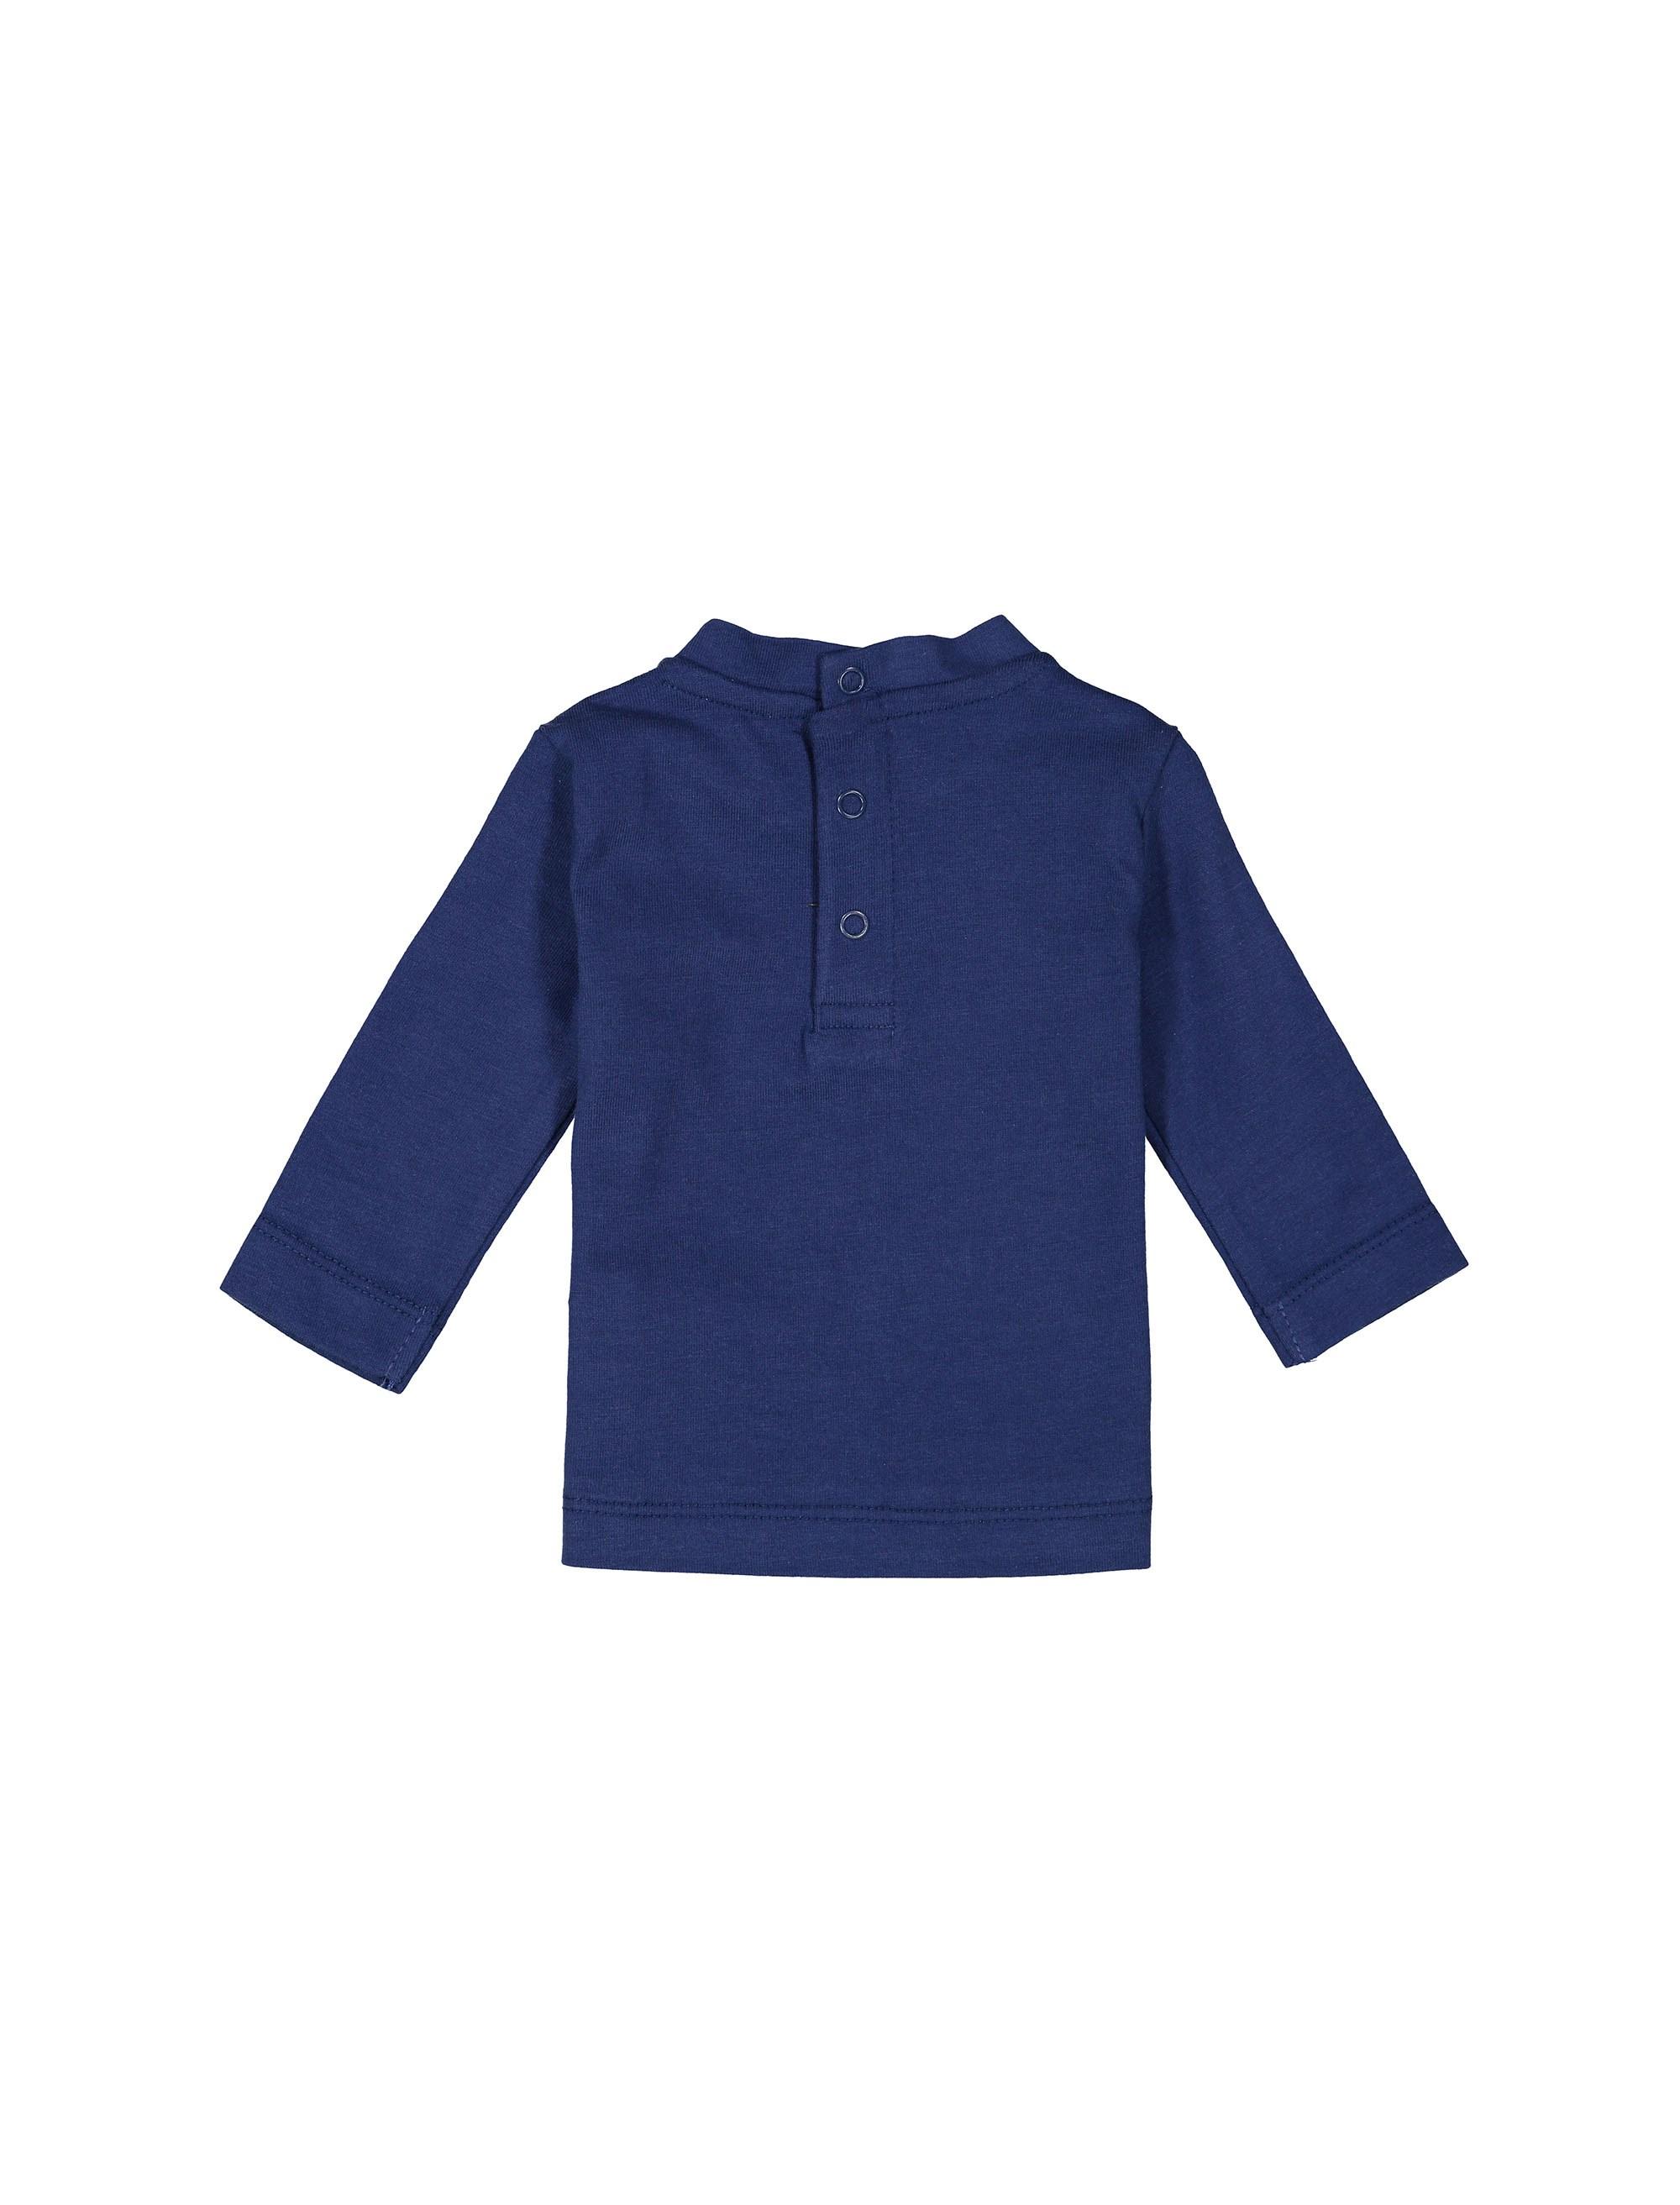 تی شرت نخی یقه گرد نوزادی پسرانه - ایدکس - سرمه اي - 2